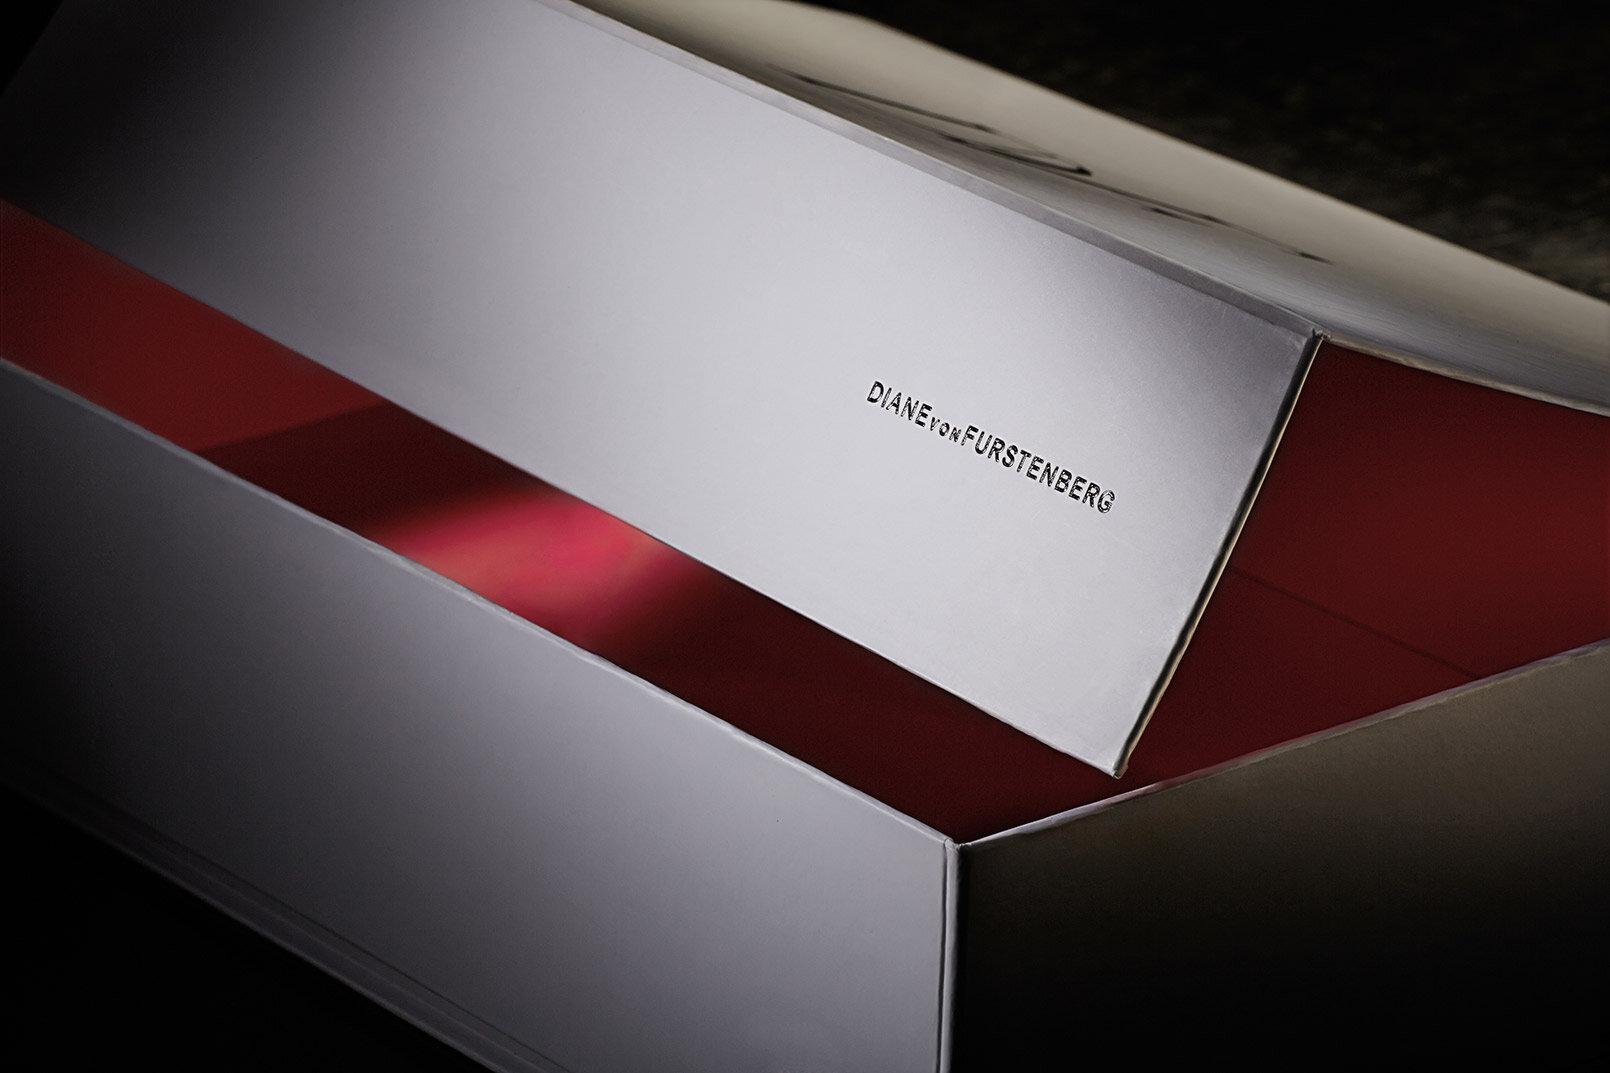 Diane-Von-Furstenberg-DVF-Box-Design-Packaging-Company-2.JPG